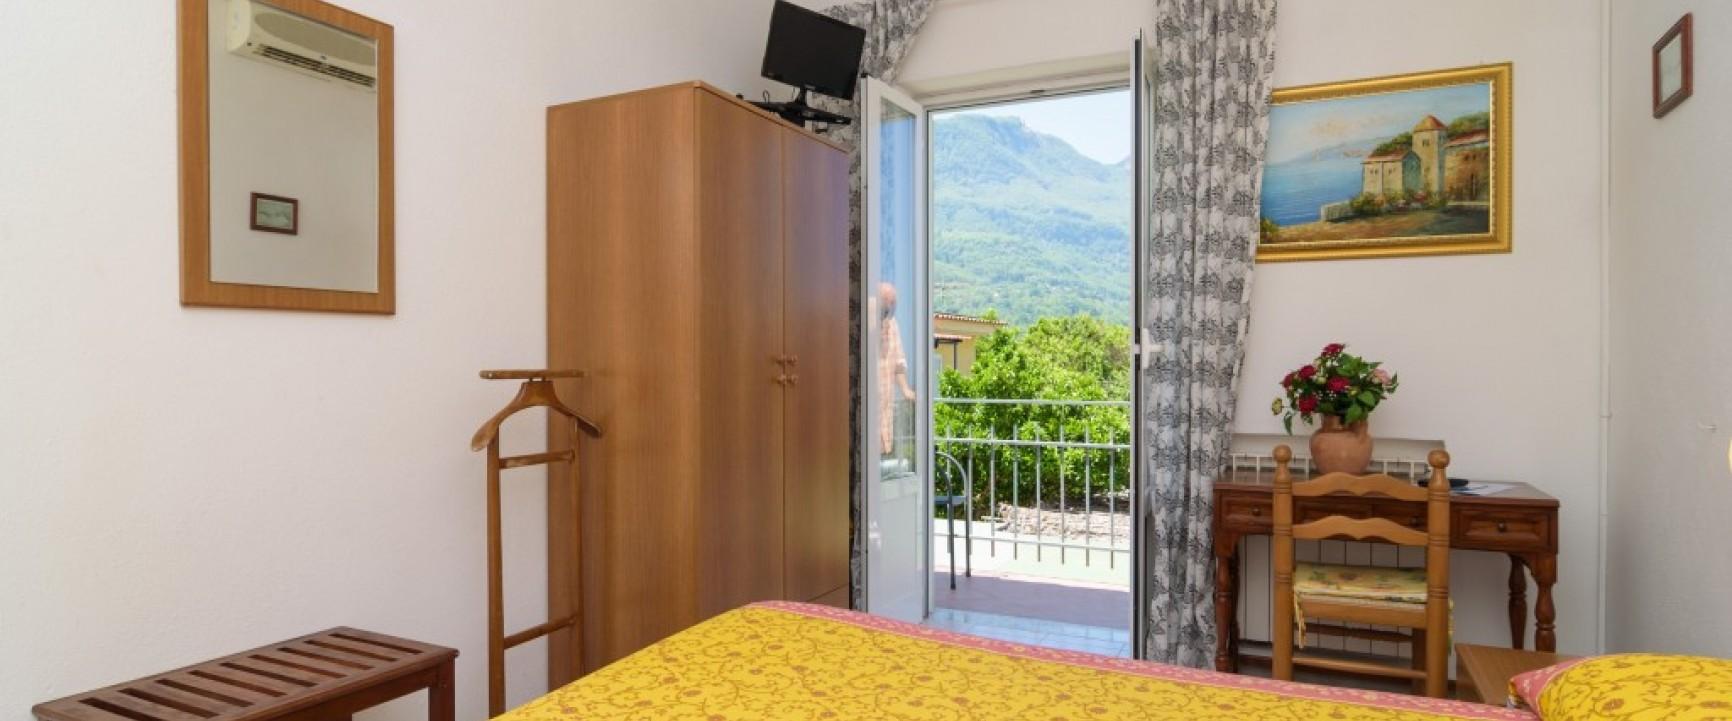 Hotel Villa Fiorentina